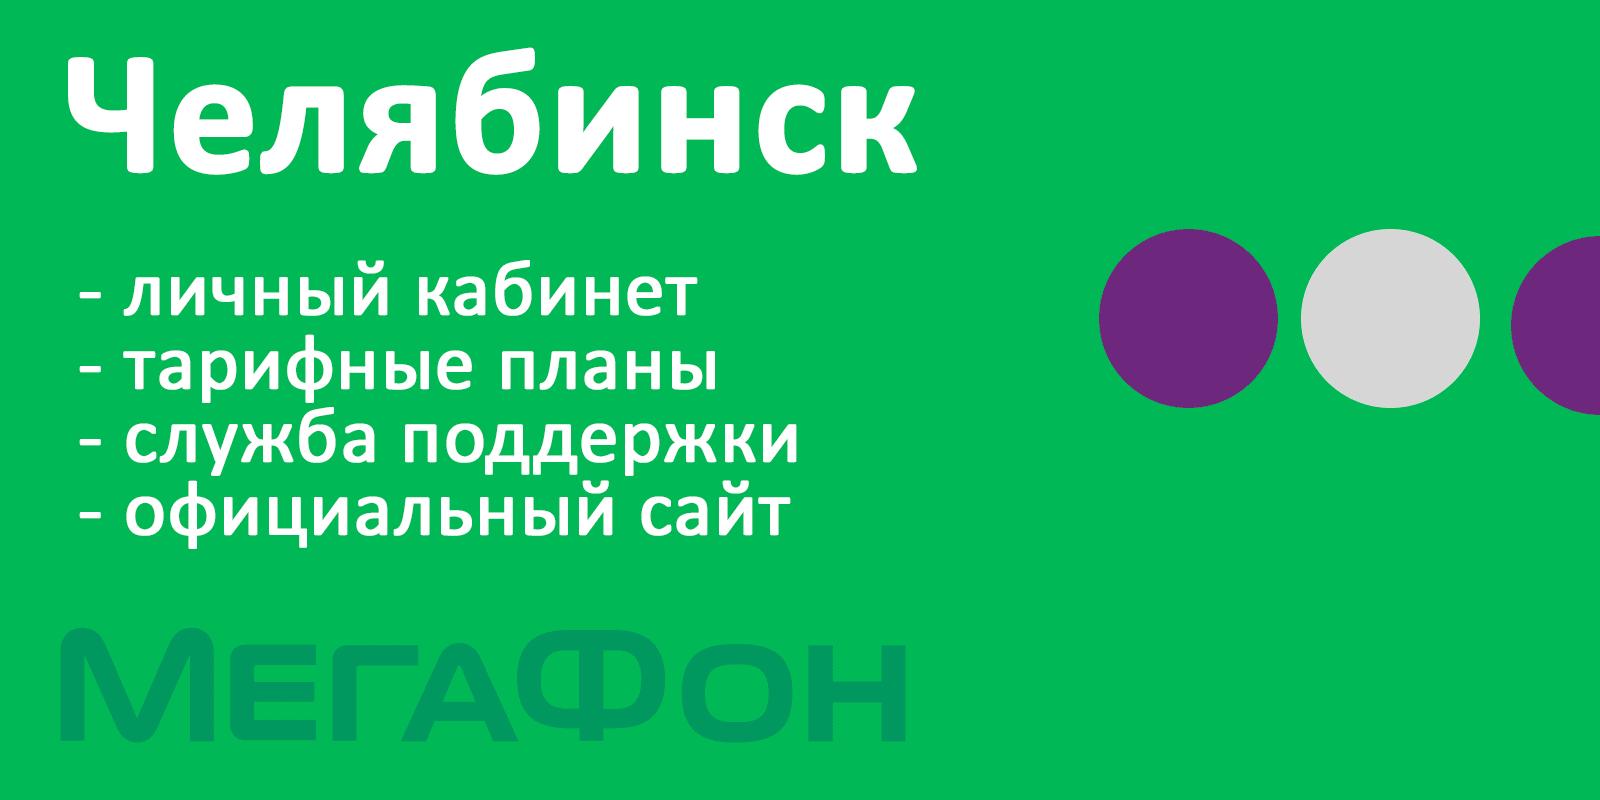 Мегафон Челябинск - личный кабинет, тарифы, служба поддержки